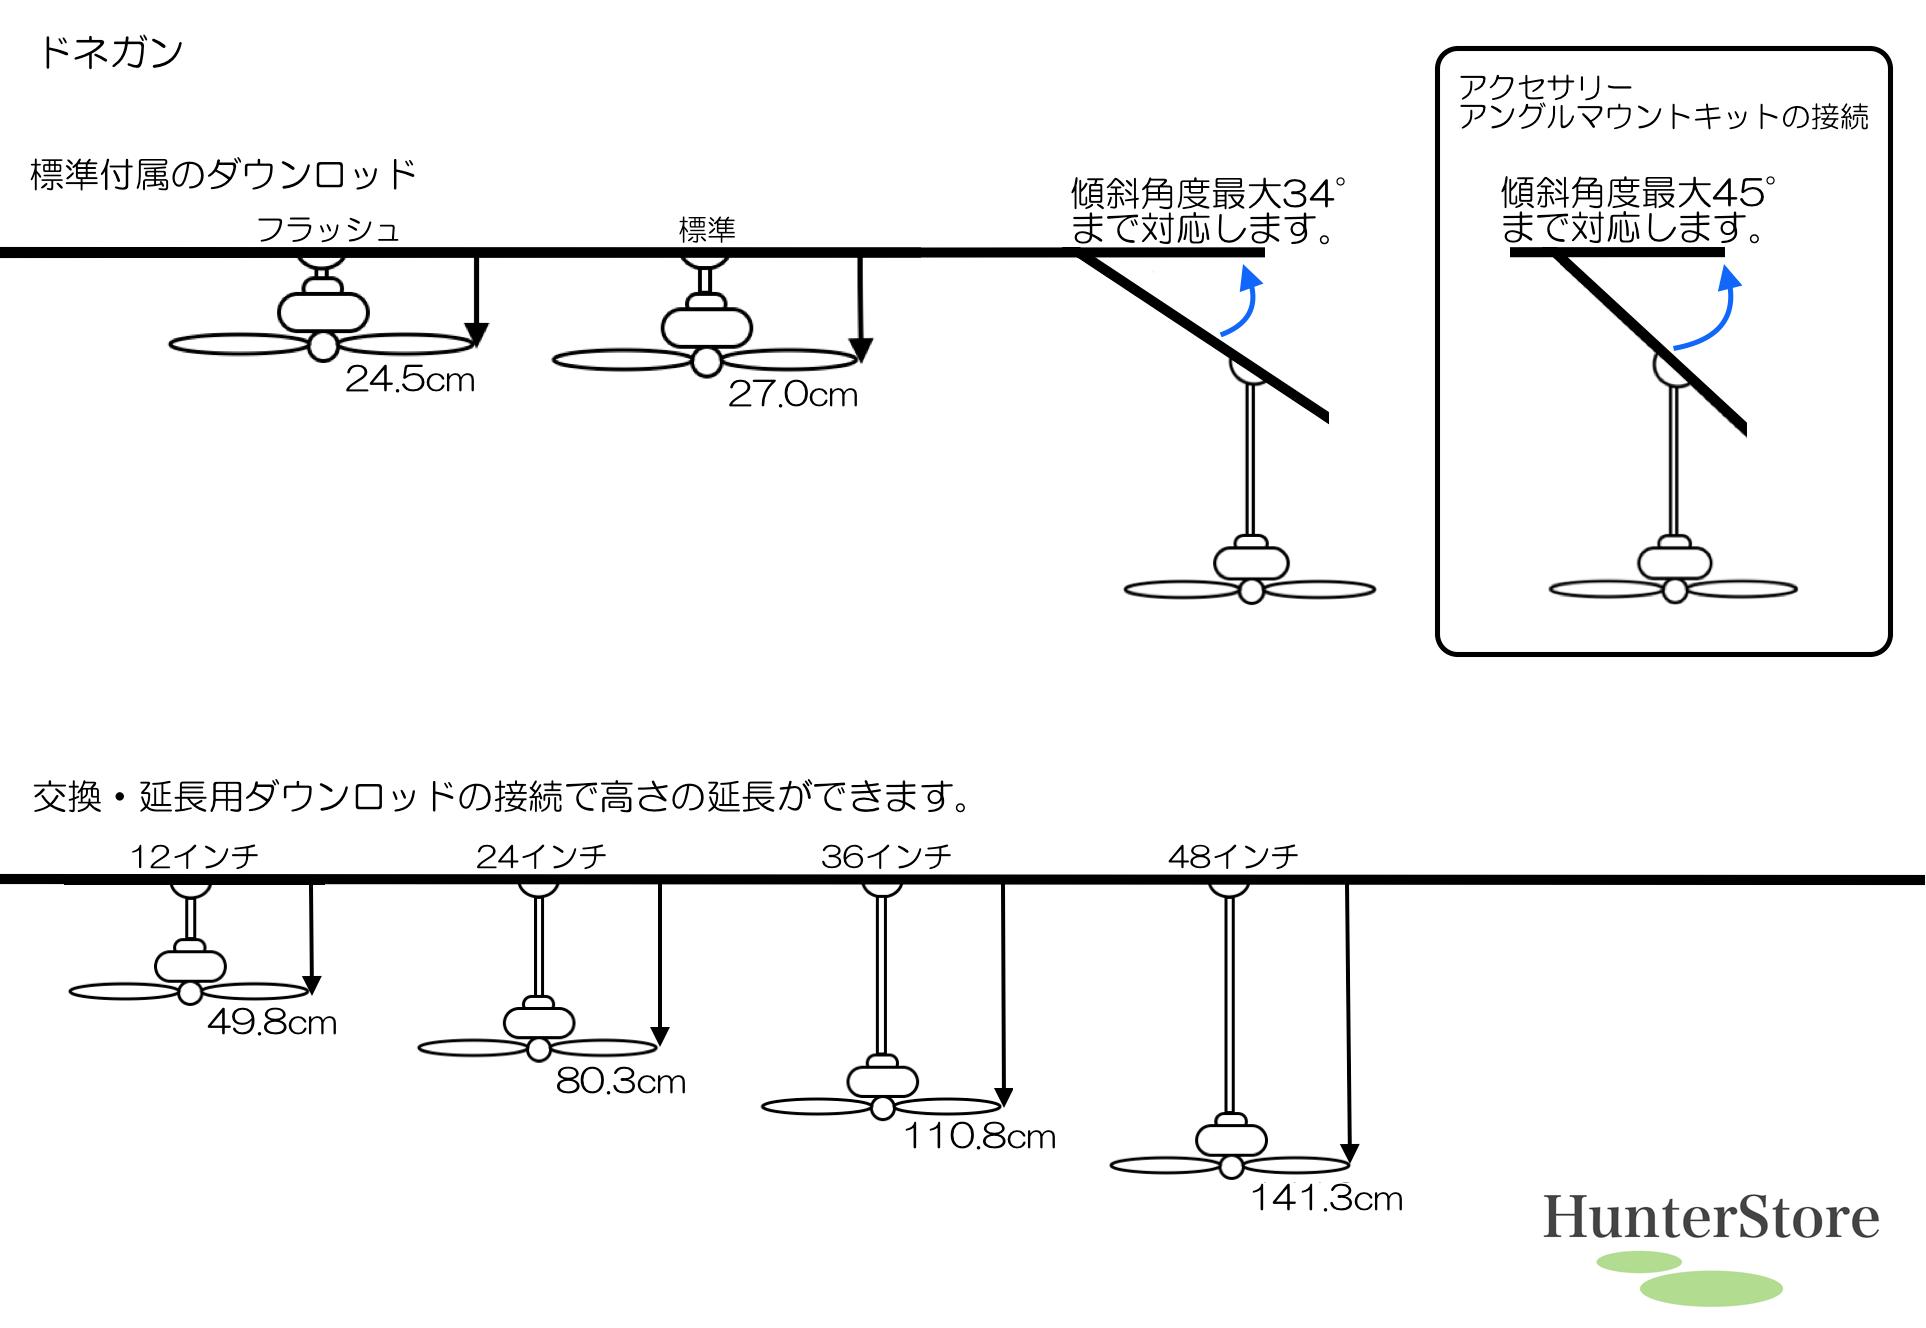 ドネガン 照明キット付【壁コントローラ・12㌅31cmダウンロッド付】 - 画像2